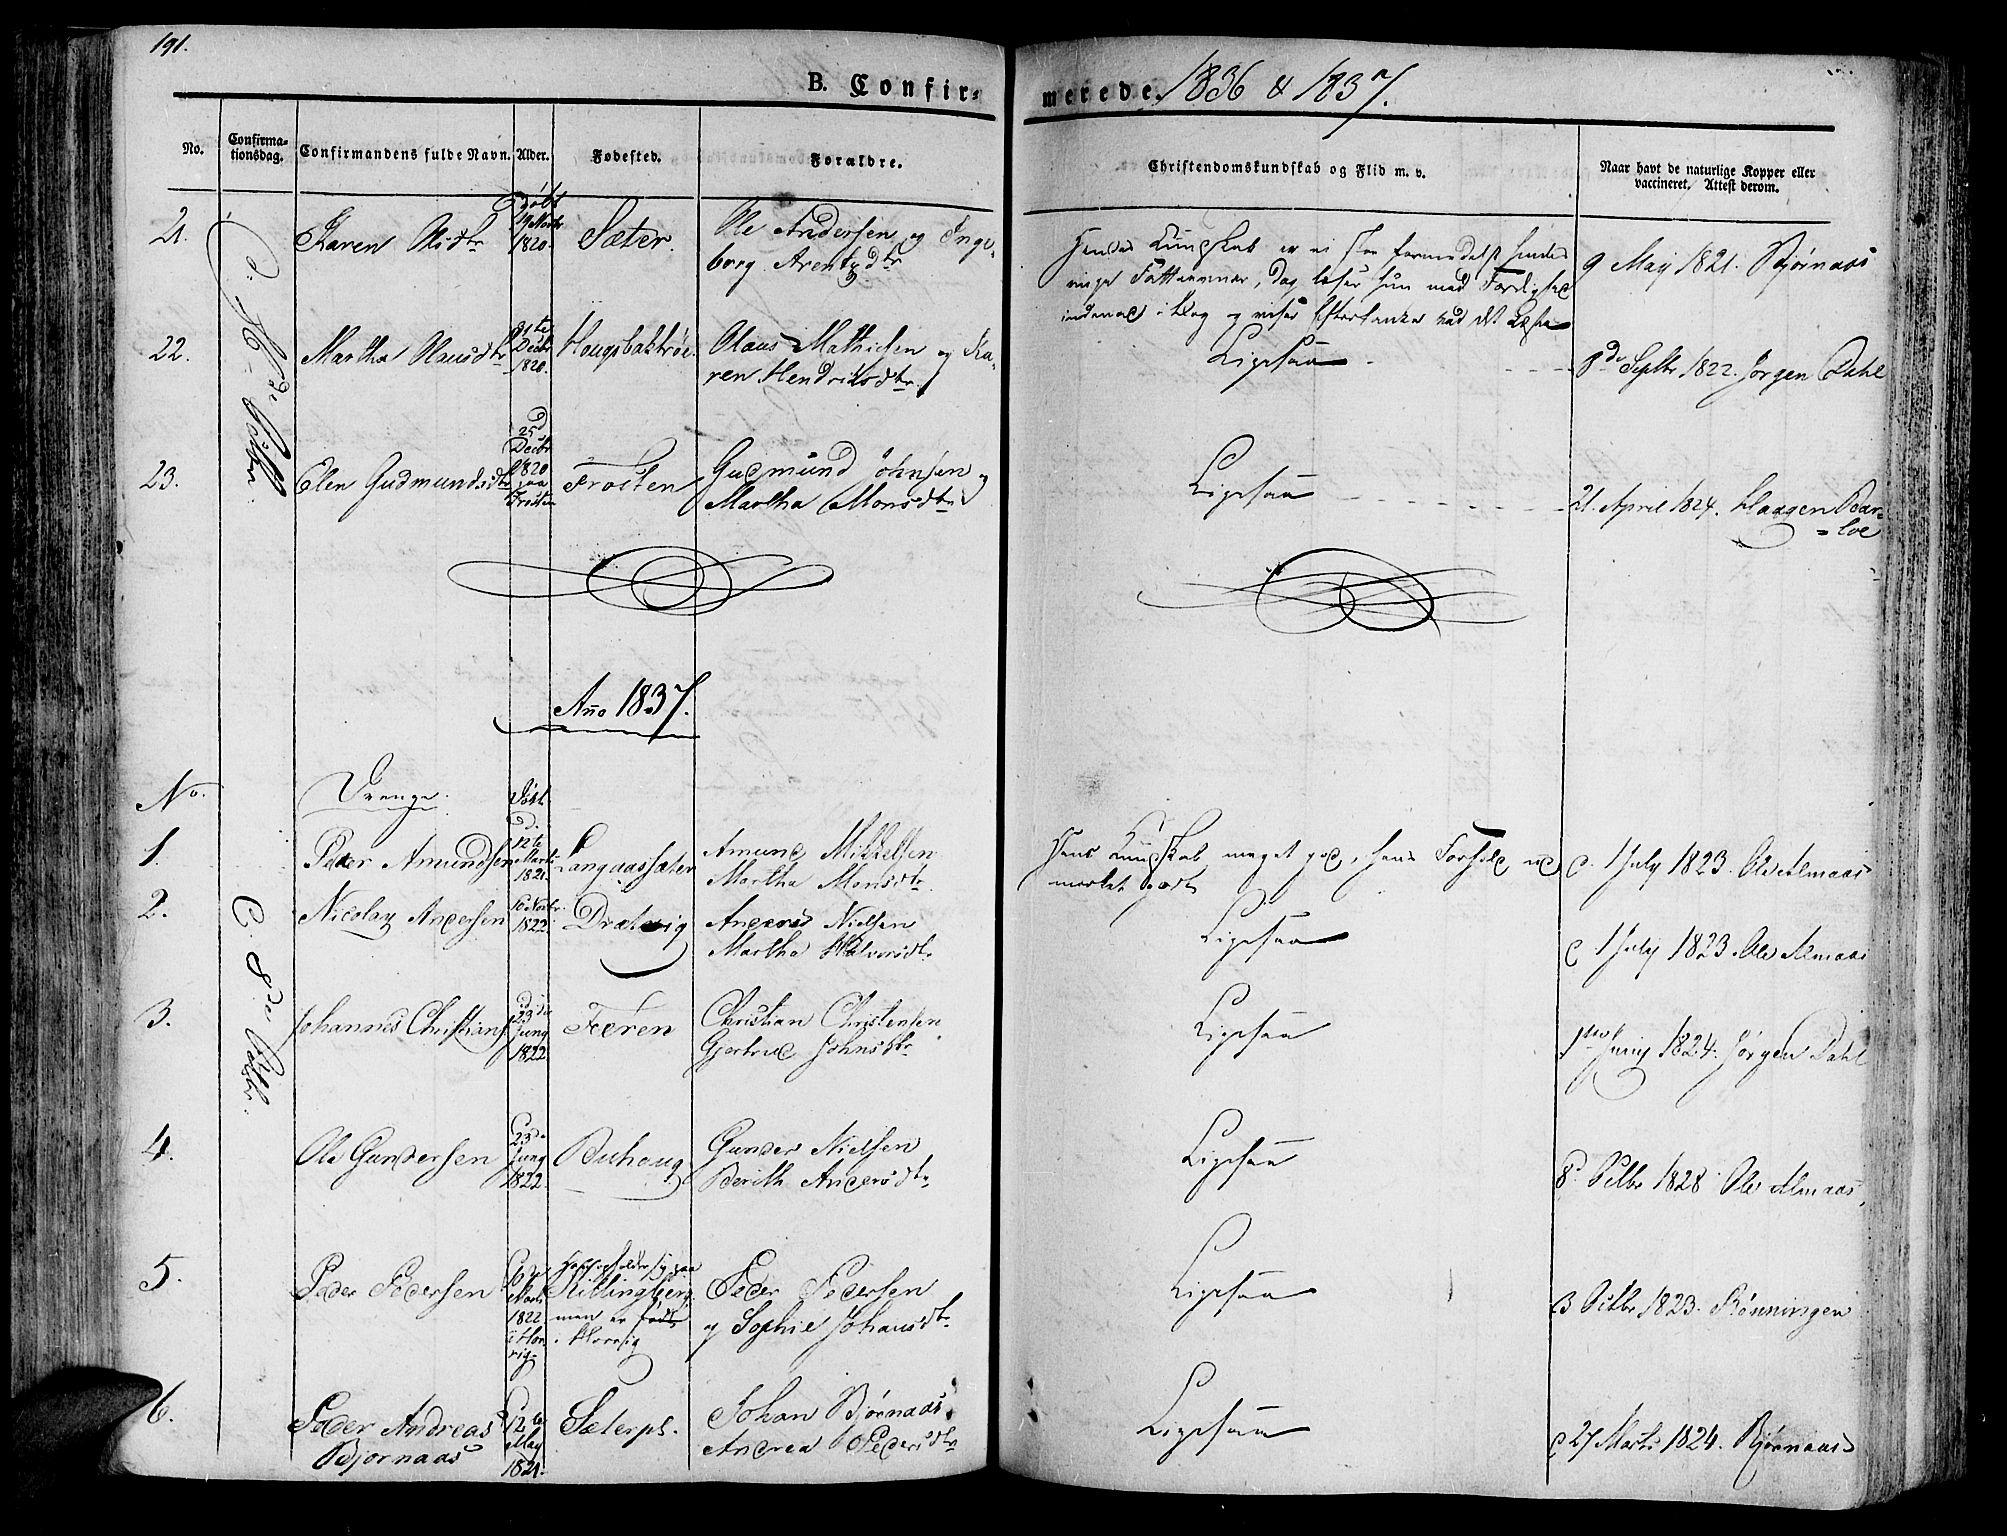 SAT, Ministerialprotokoller, klokkerbøker og fødselsregistre - Nord-Trøndelag, 701/L0006: Ministerialbok nr. 701A06, 1825-1841, s. 191